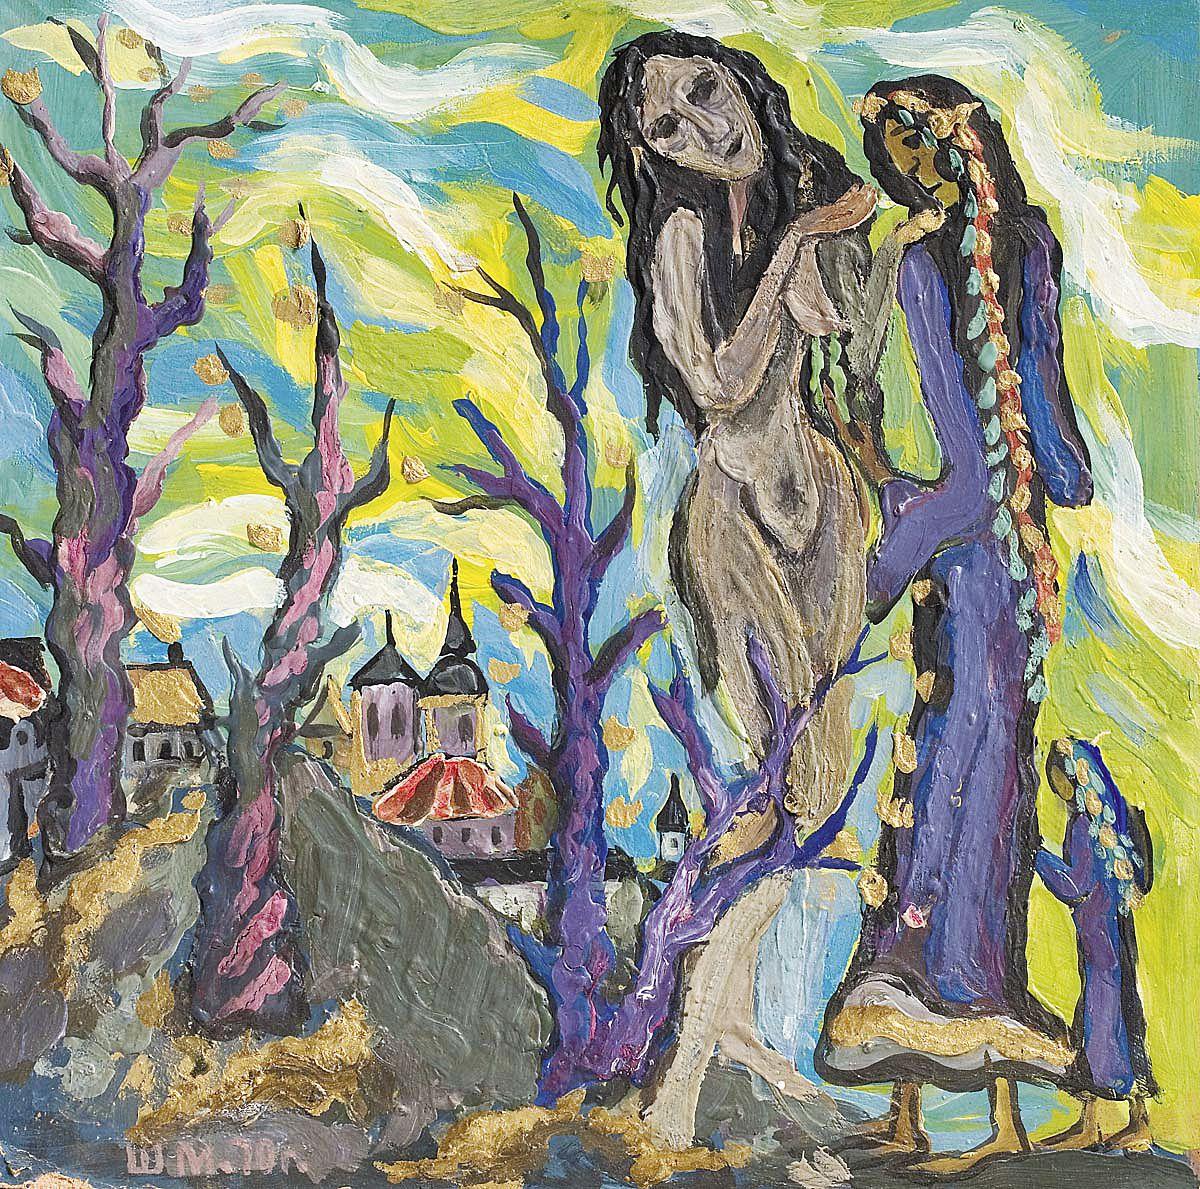 Міша Штейнберг. Алегорична композиція, 1970